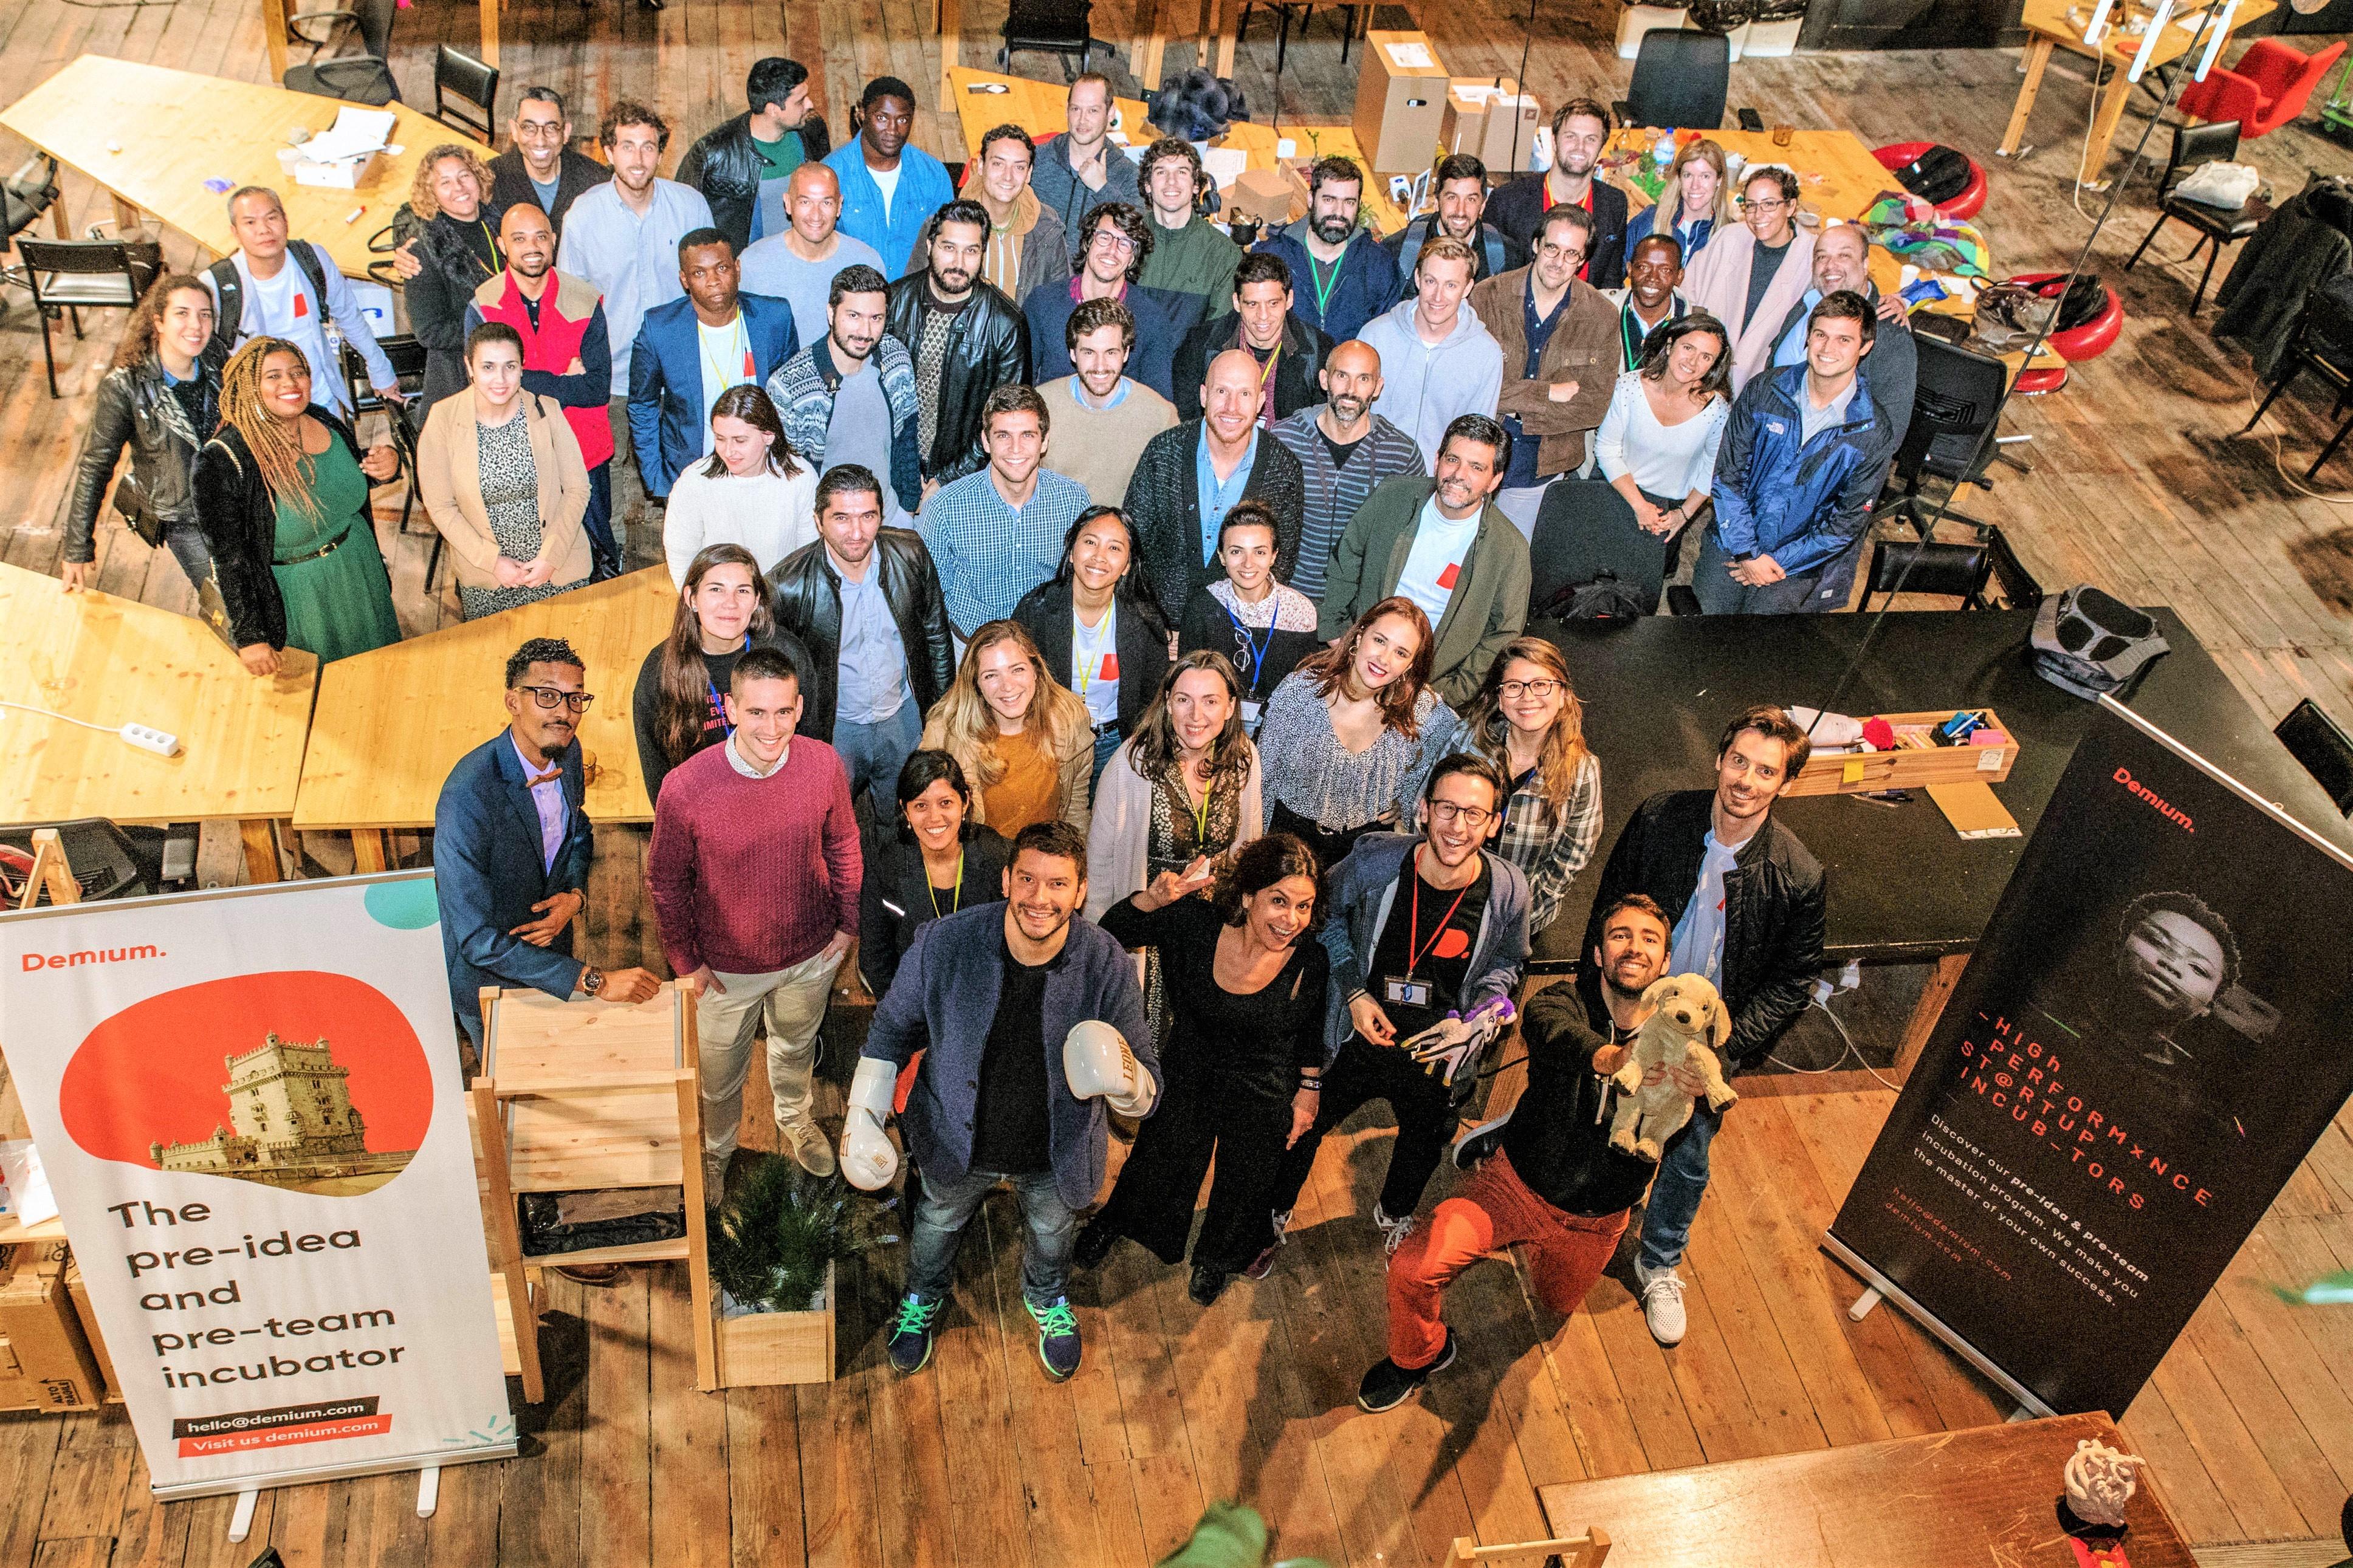 Participantes de uma seleção da Demium em Lisboa